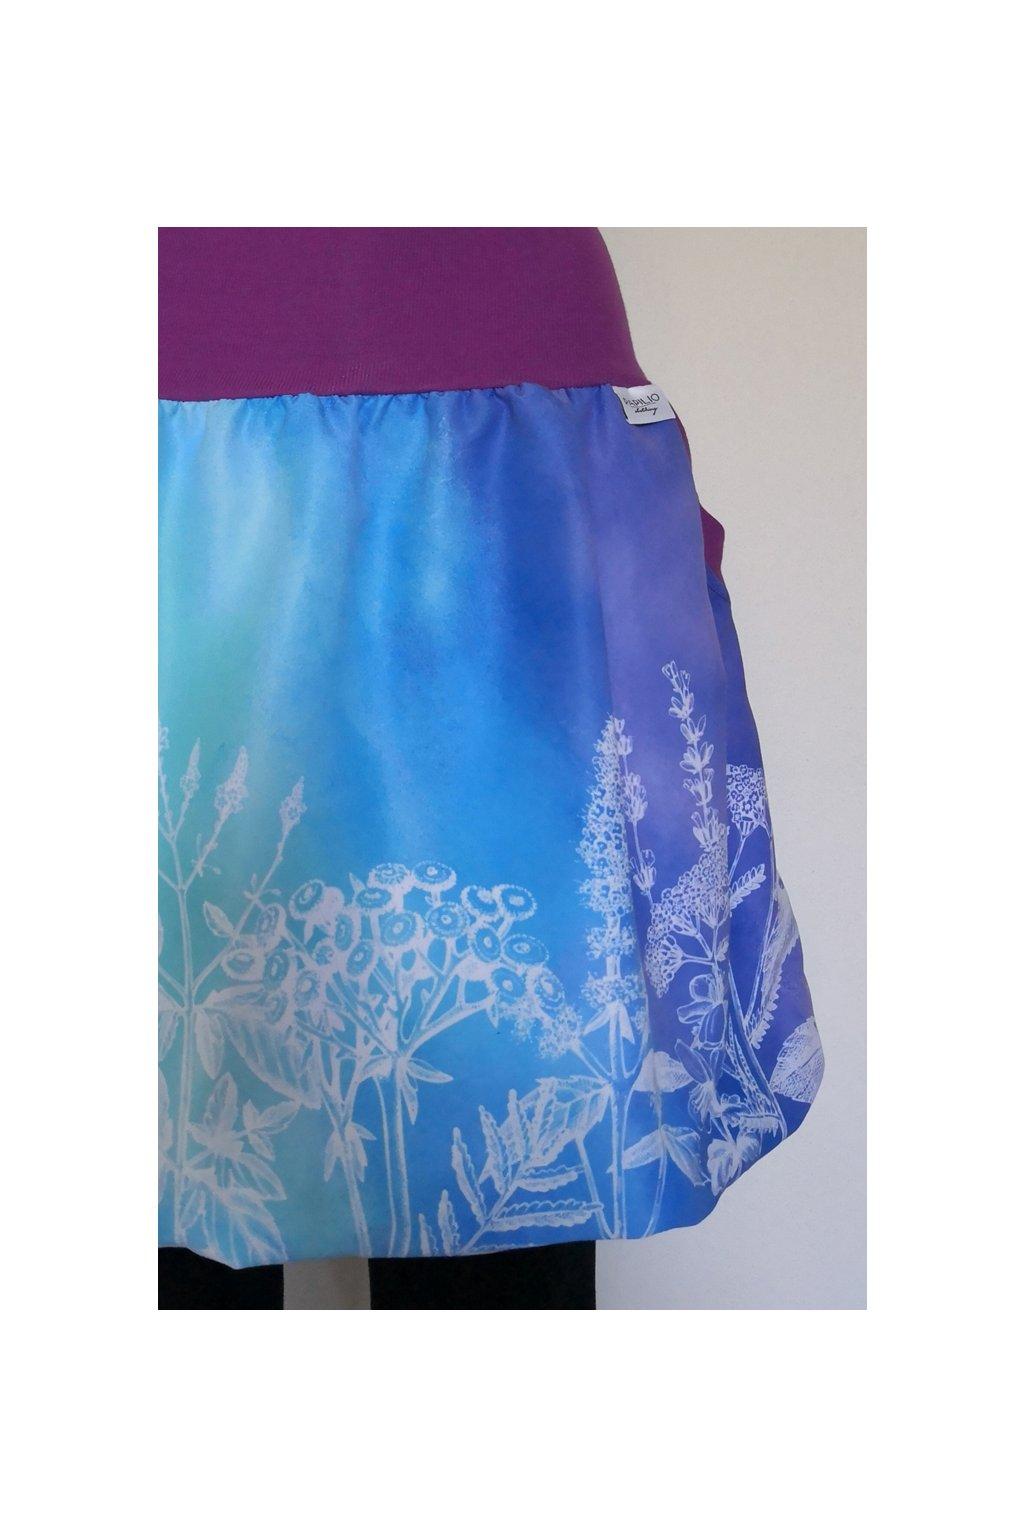 SKLADEM - balonová sukně Duhová bylinka| micropeach